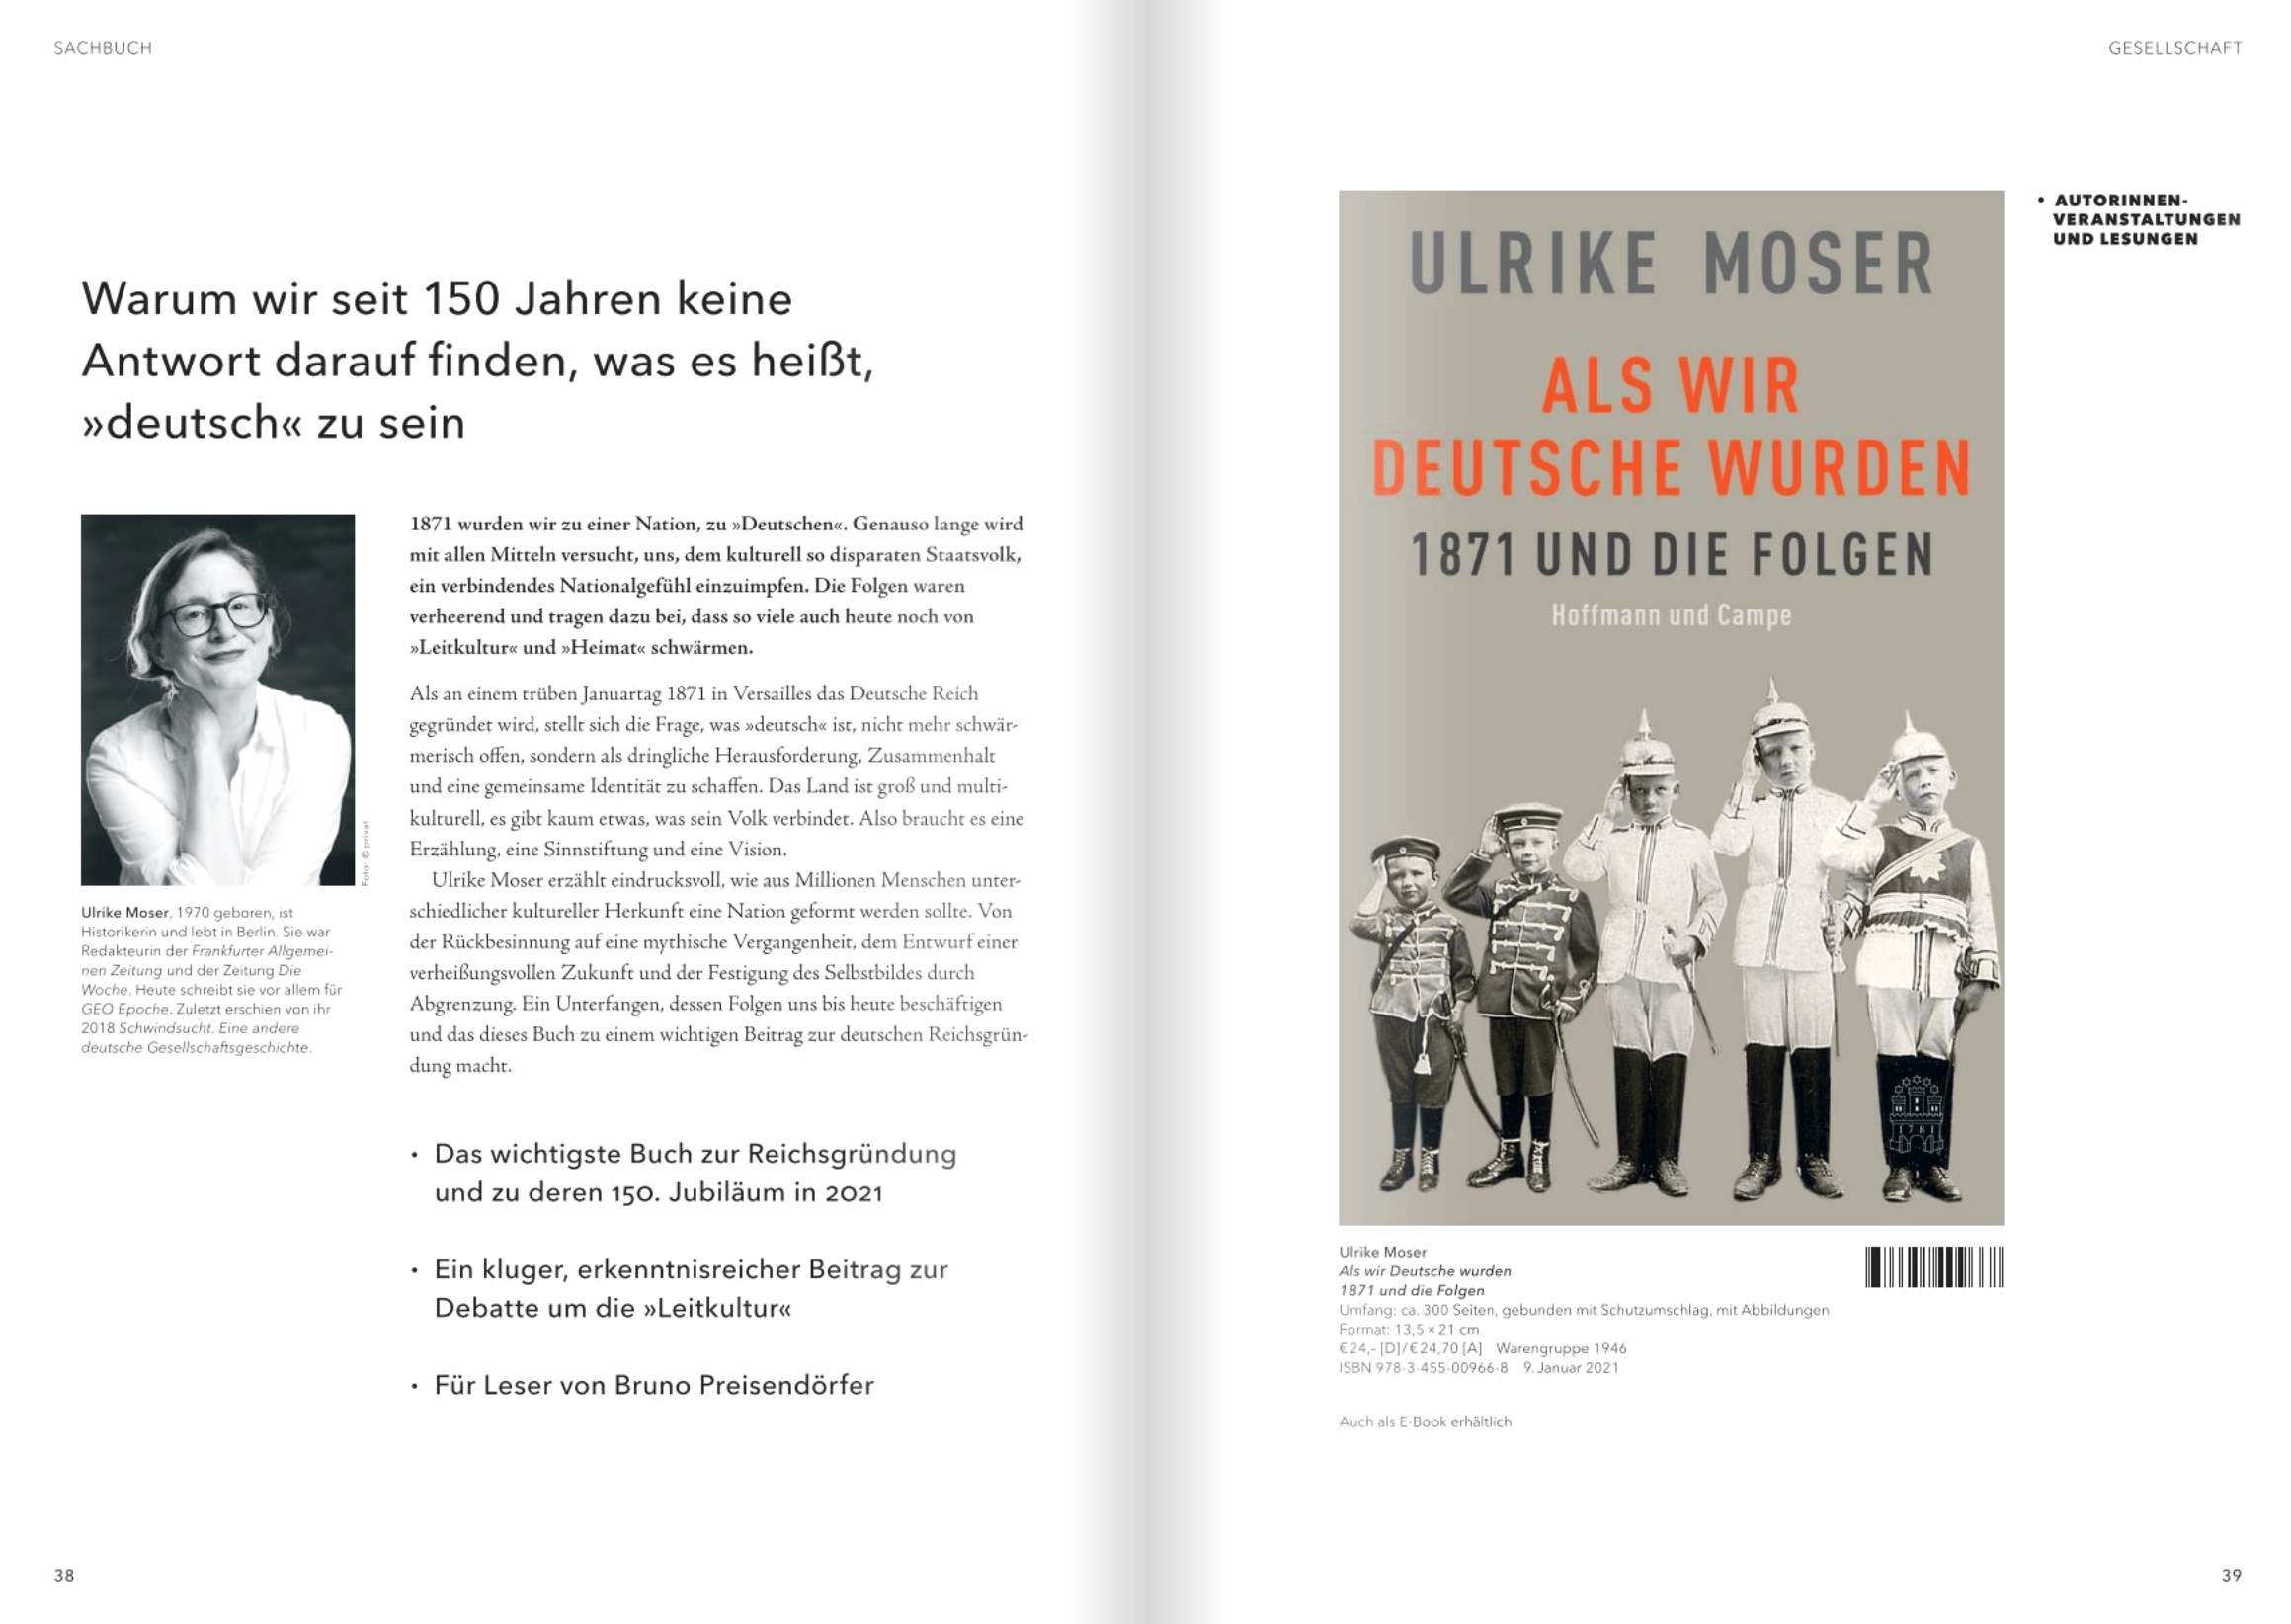 Ulrike Moser, Als wir Deutsche wurden